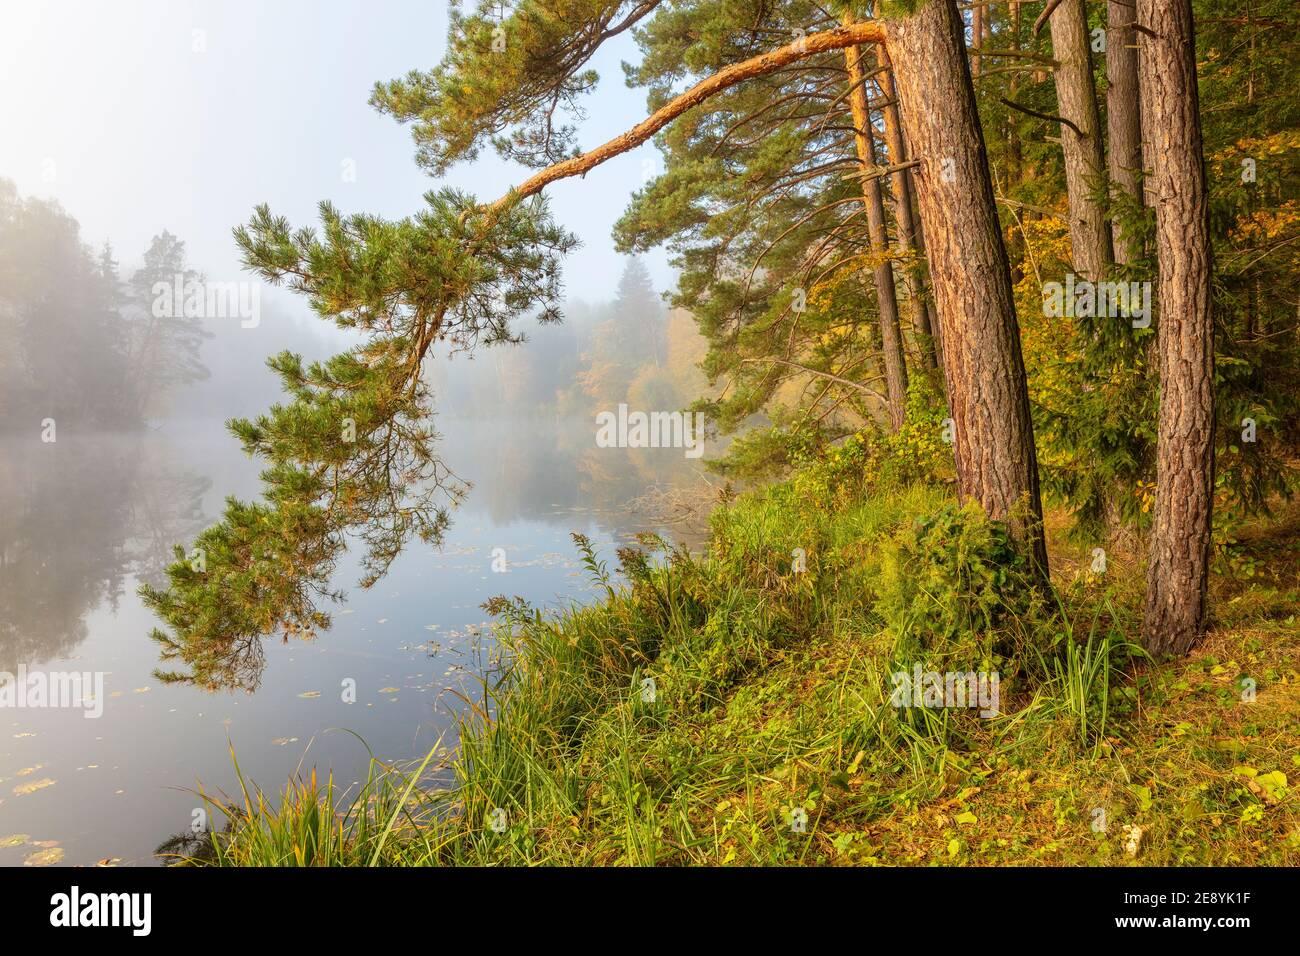 Autumn at the Masurian lake, Poland Stock Photo